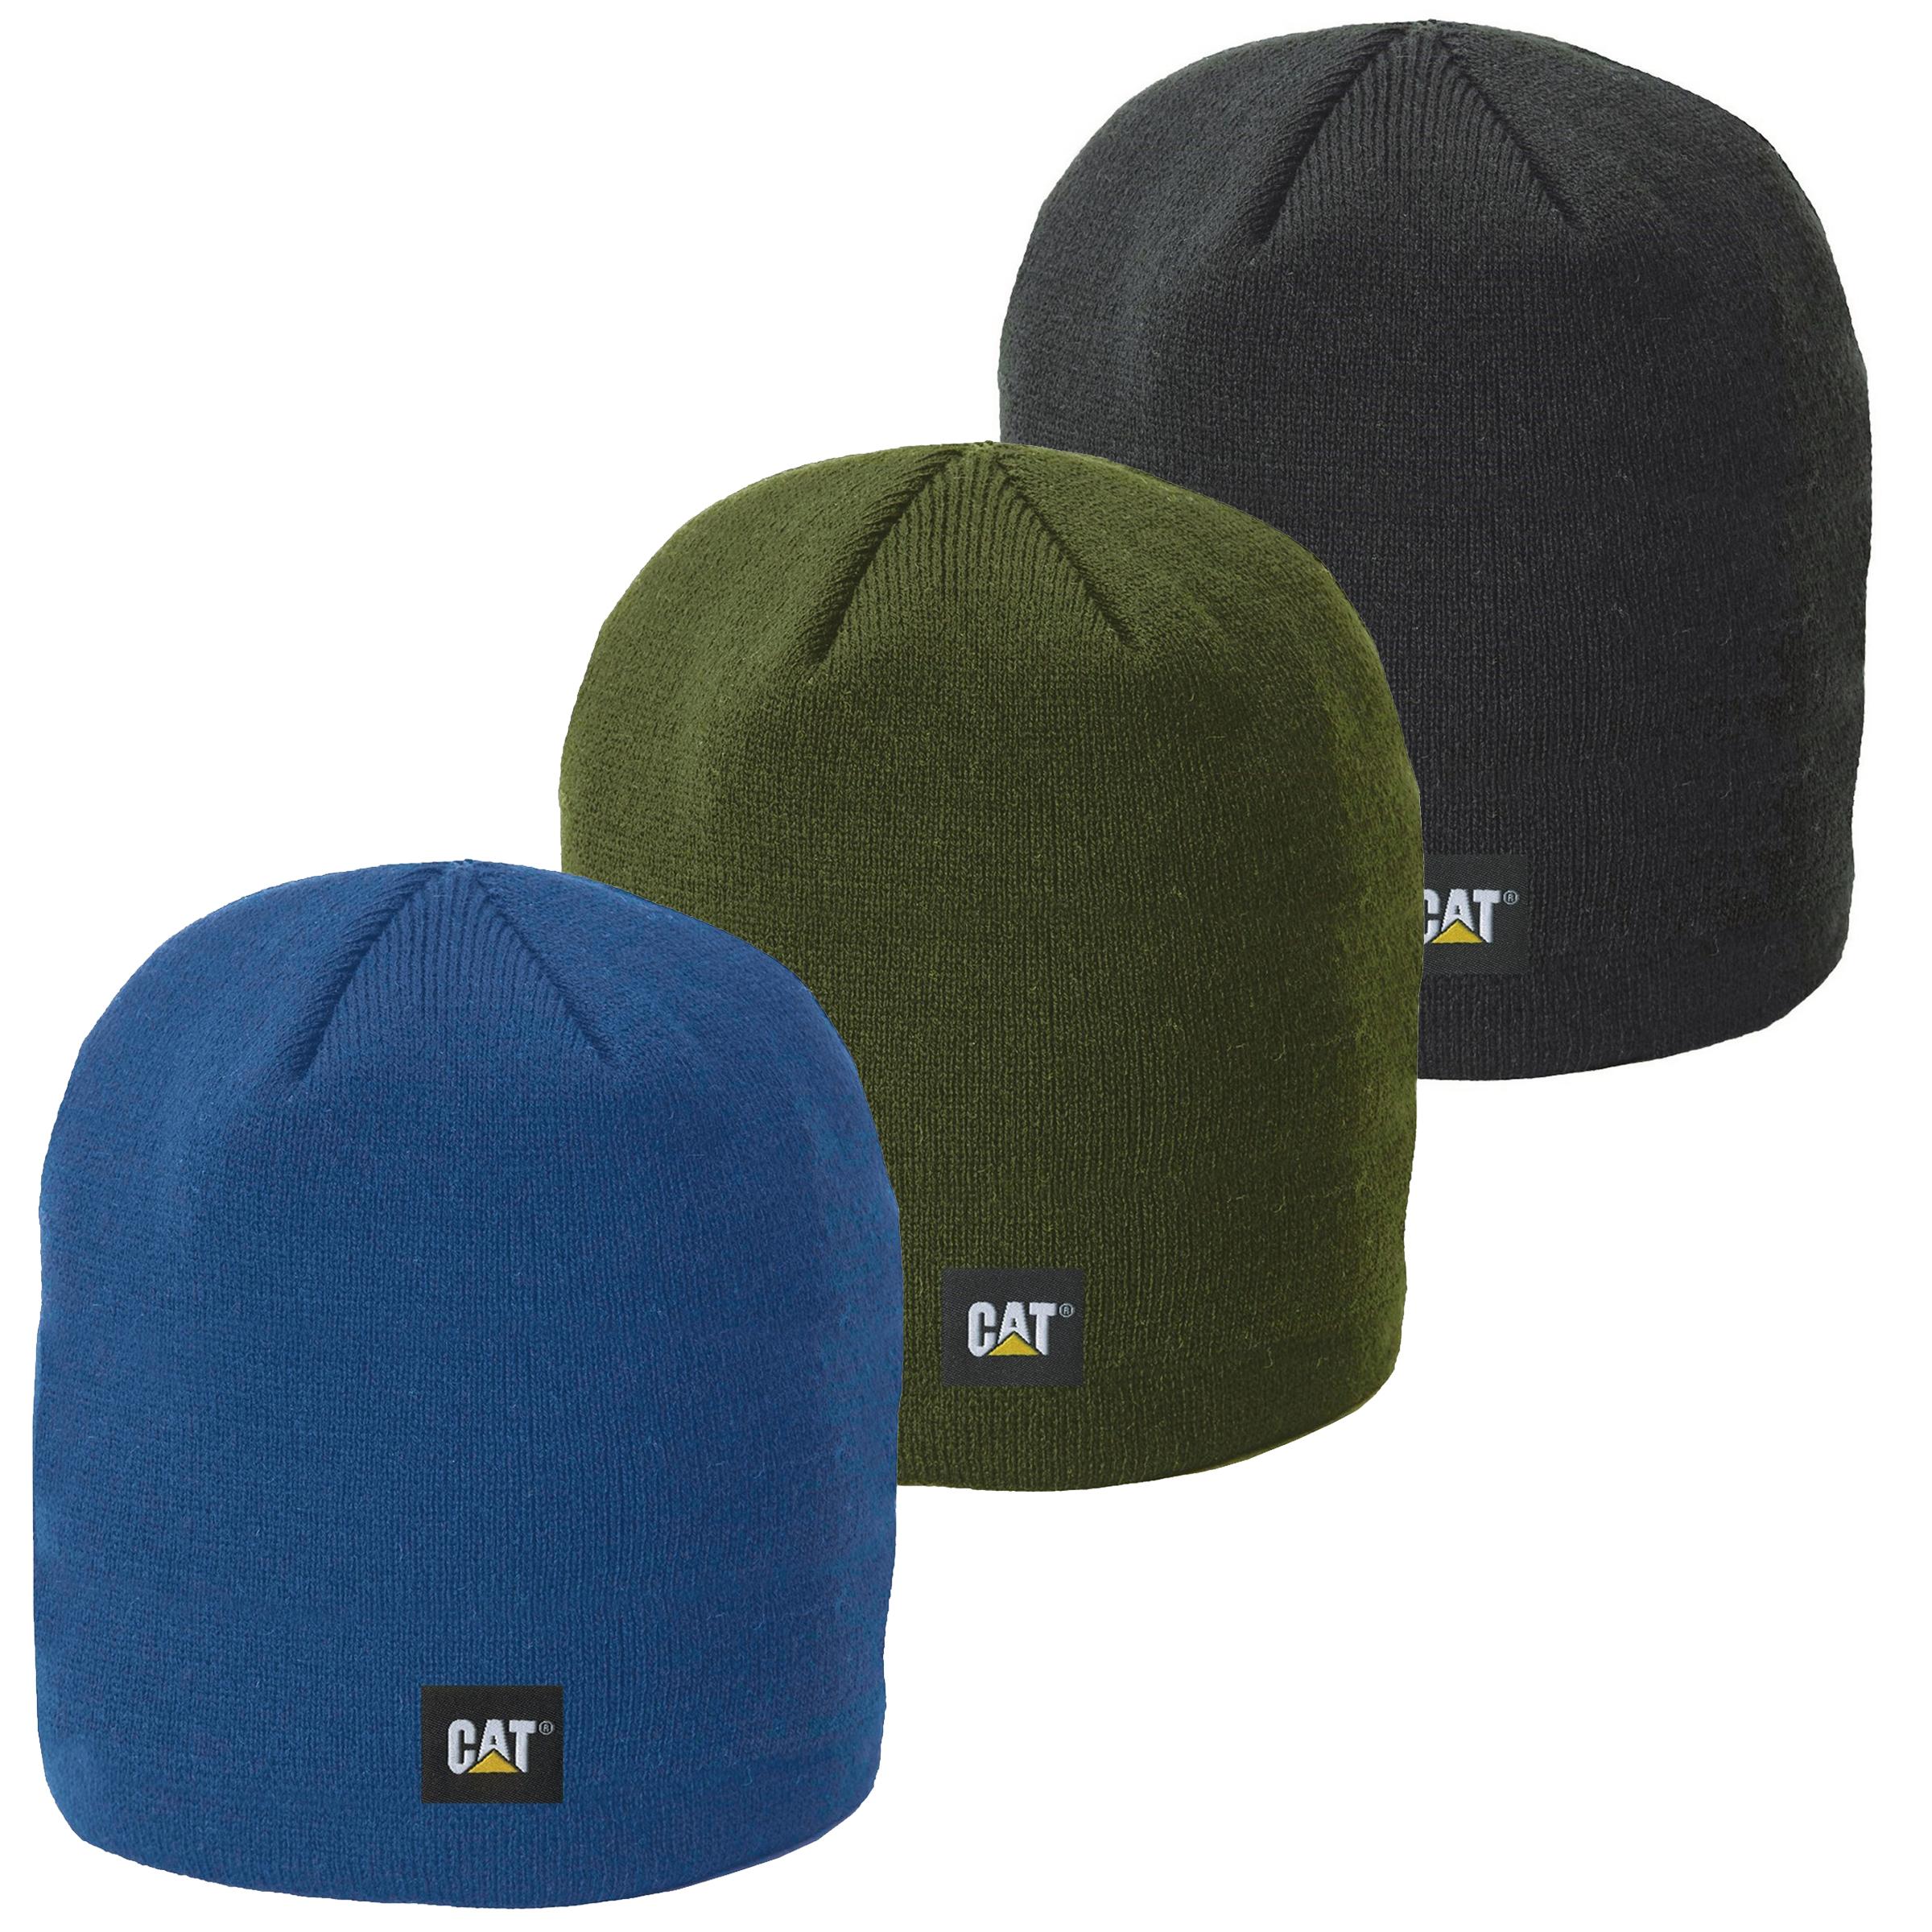 DFKD JKFD Unisex Knitted Hat Skull Hat Beanie Cap Momen Male Evolution